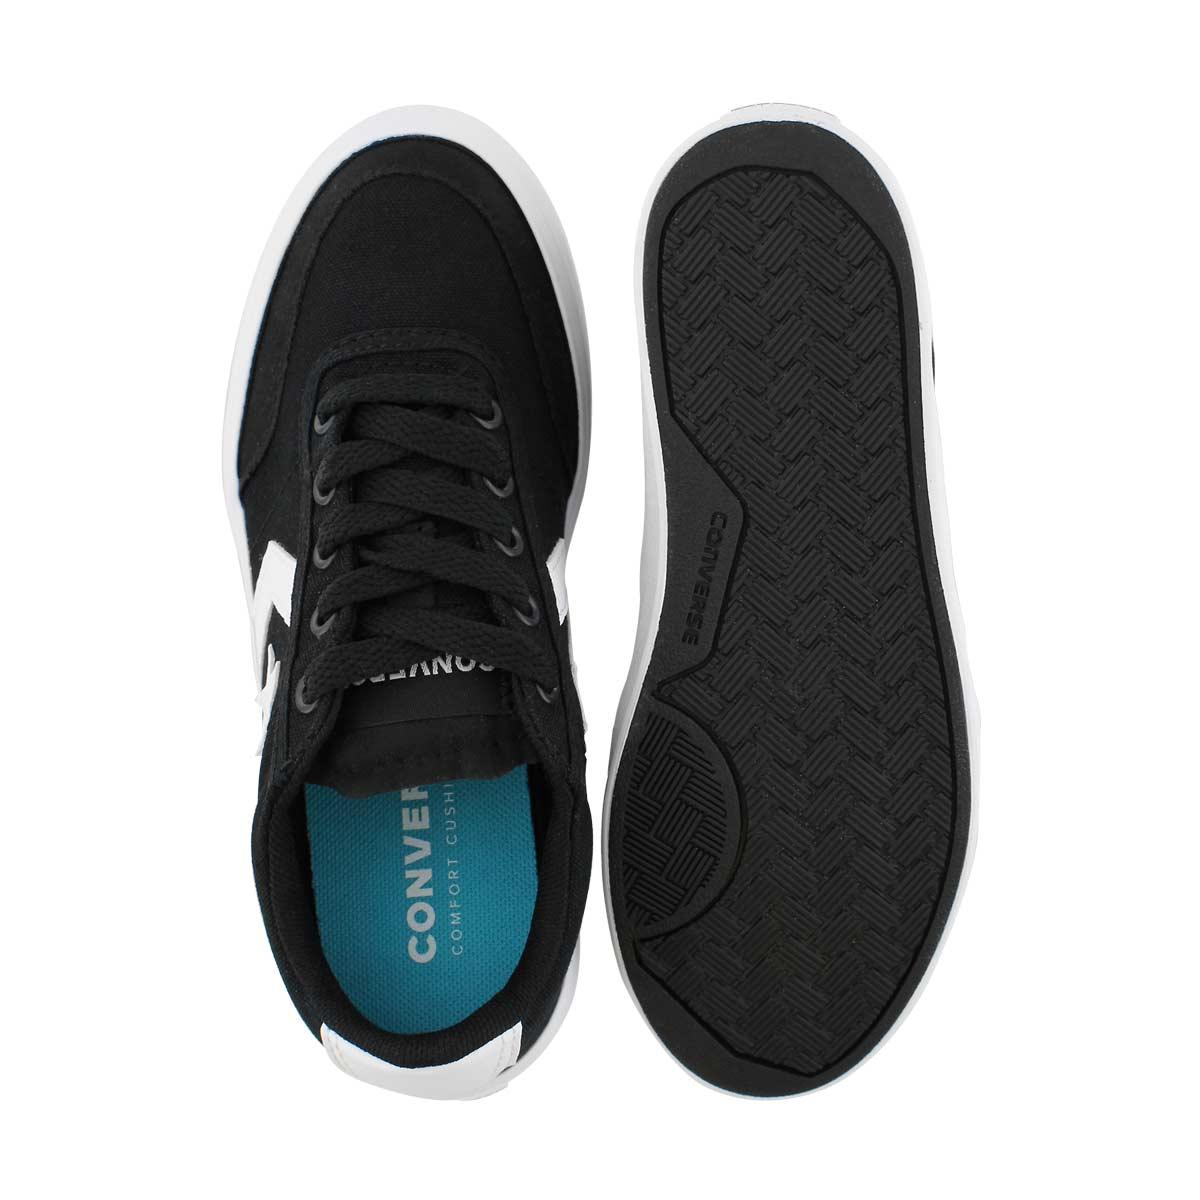 Bys Courtlandt blk/wht laceup sneaker